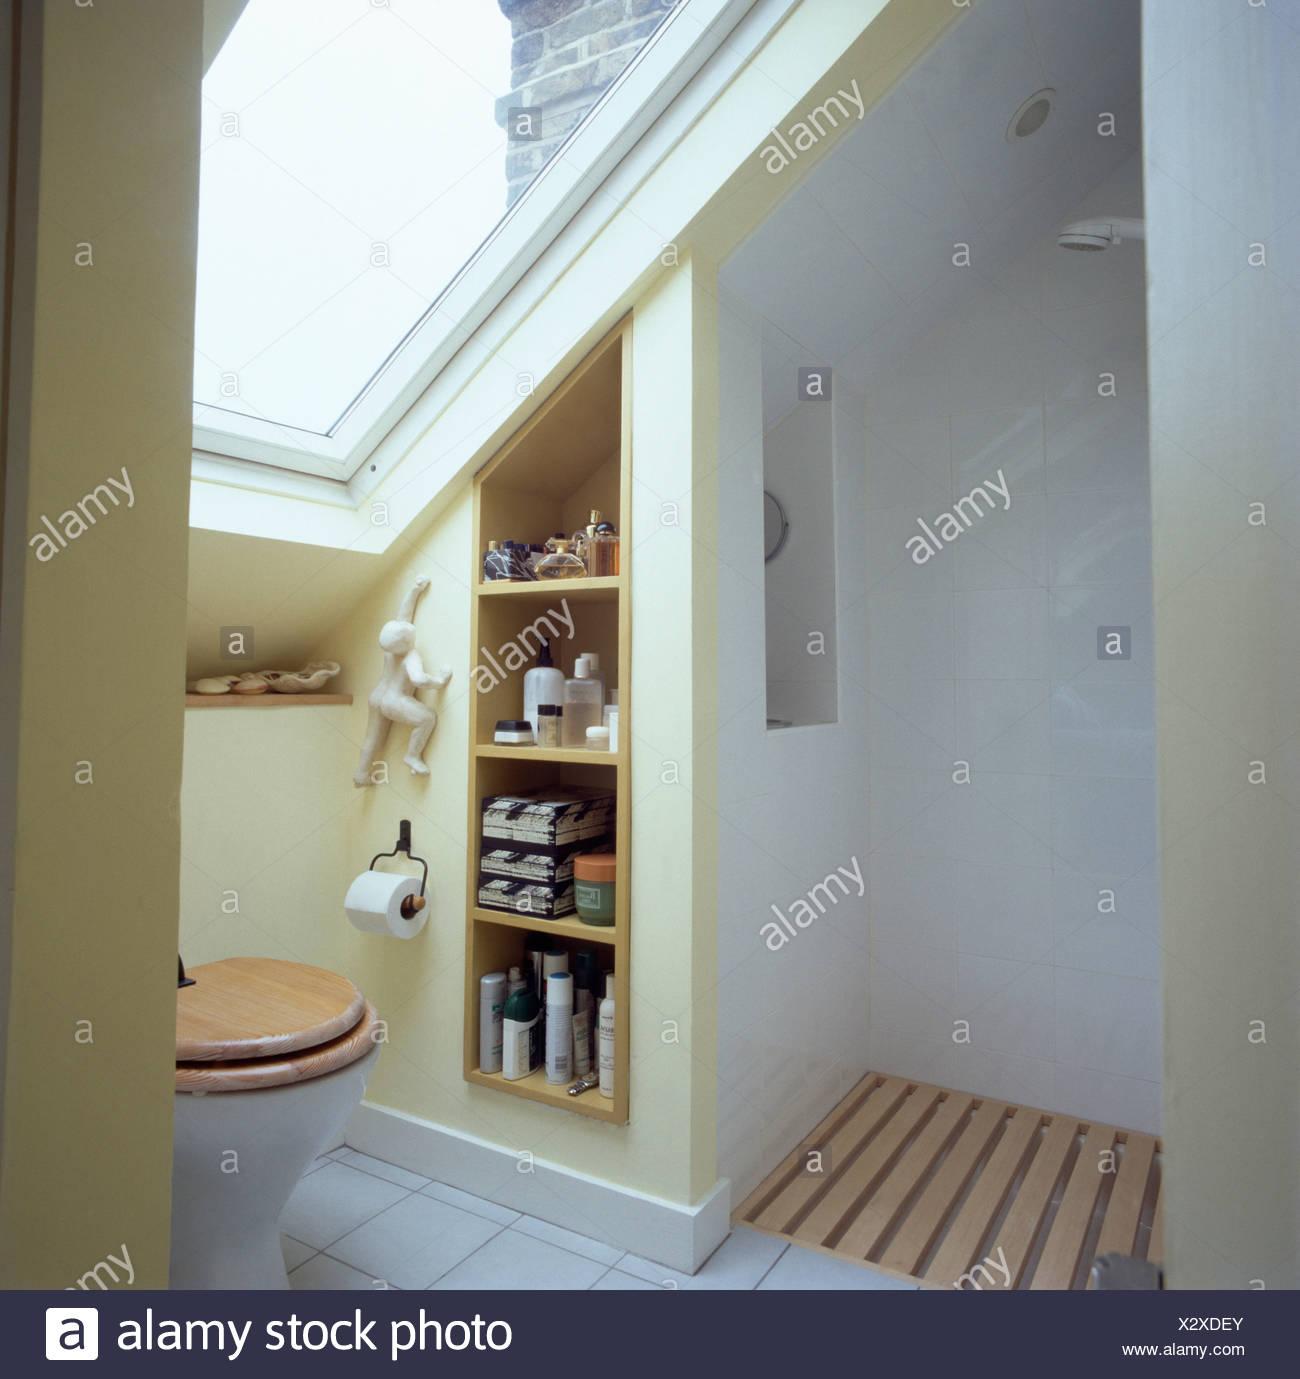 Dusche Und Regale Im Modernen Weissen Dachgeschoss Badezimmer Mit